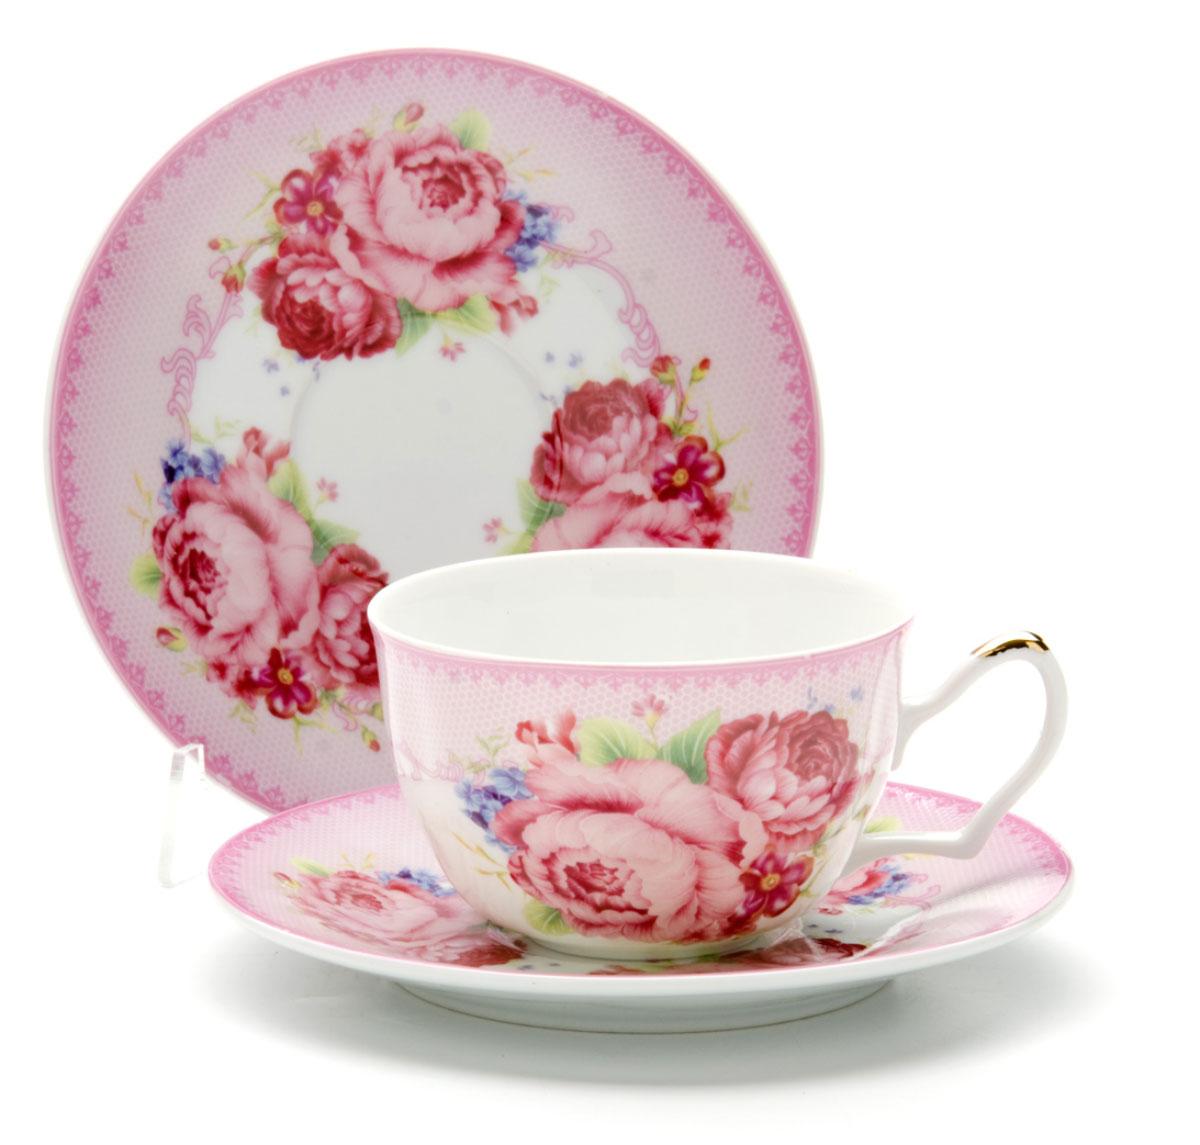 Чайная пара Loraine Розы, 250 мл, 2 предмета. 2458924589Этот чайный набор, выполненный из керамики, состоит из 1 чашки и 1 блюдца. Предметы набора оформлены ярким изображением цветов. Изящный дизайн и красочность оформления придутся по вкусу и ценителям классики, и тем, кто предпочитает утонченность и изысканность. Чайная пара- идеальный и необходимый подарок для вашего дома и для ваших друзей в праздники, юбилеи и торжества! Он также станет отличным корпоративным подарком и украшением любой кухни. Чайная пара упакована в подарочную коробку из плотного цветного картона. Внутренняя часть коробки задрапирована белым атласом.